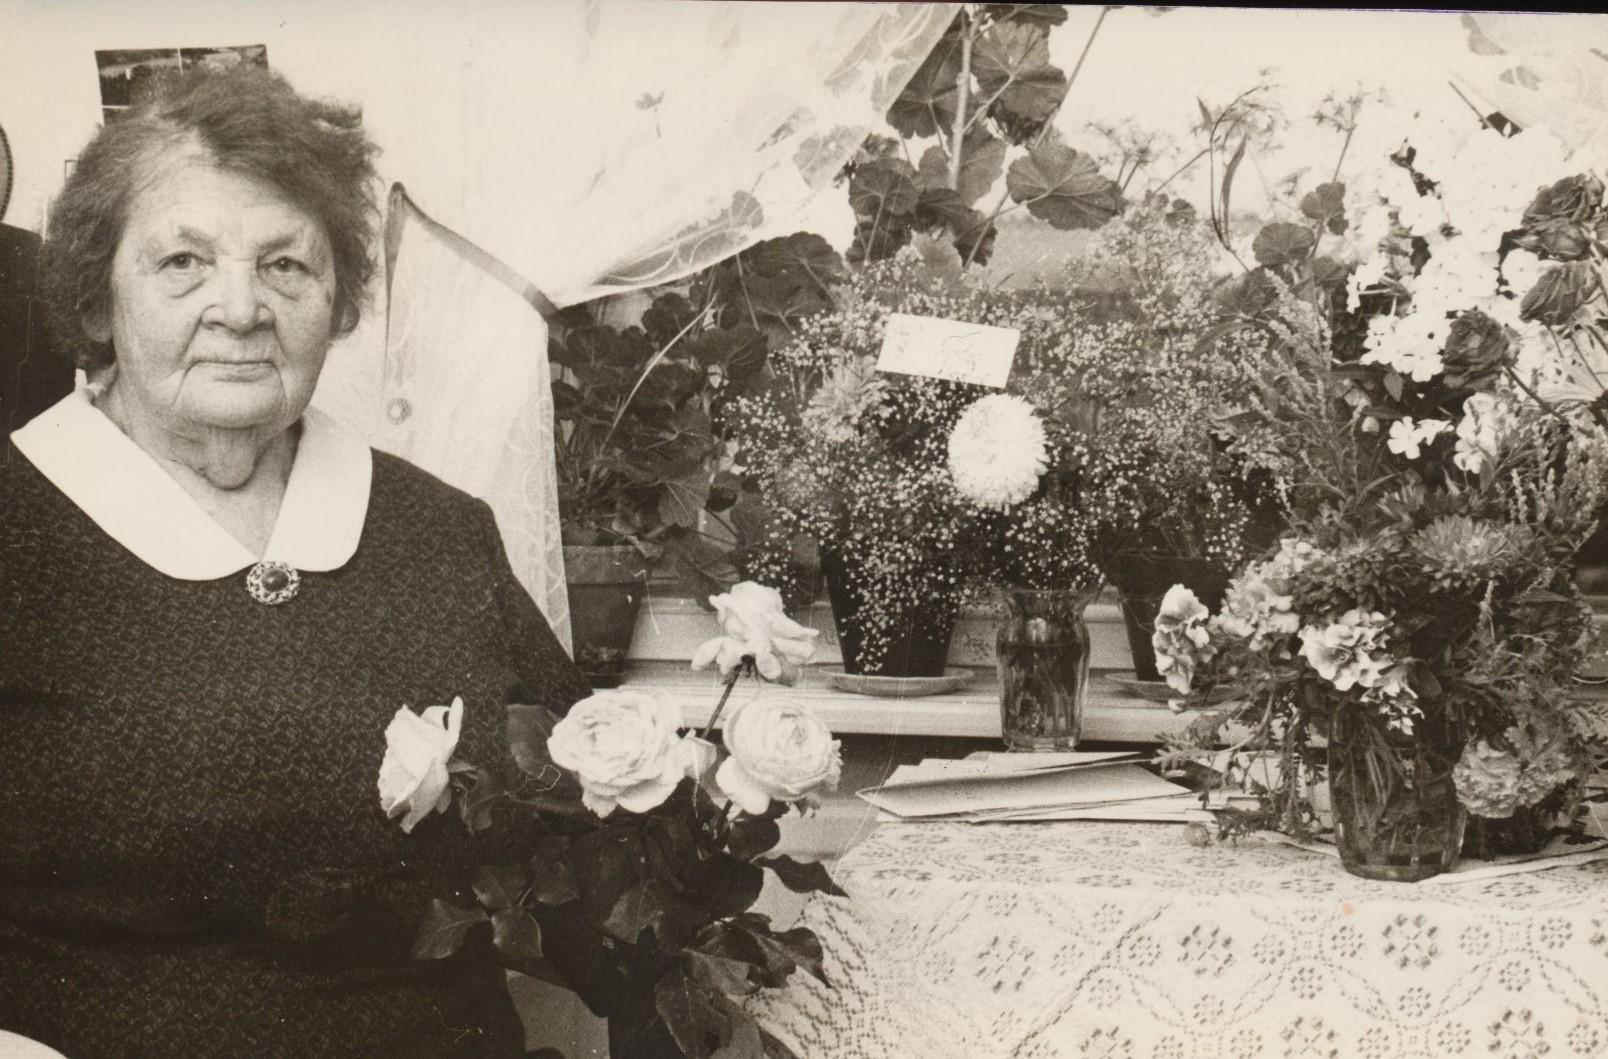 Här Fina Lindfors på sin 80-års dag. Hon var Hulda Nyholms moster och var född i Korsbäck och vistades i Amerika i långa tider.